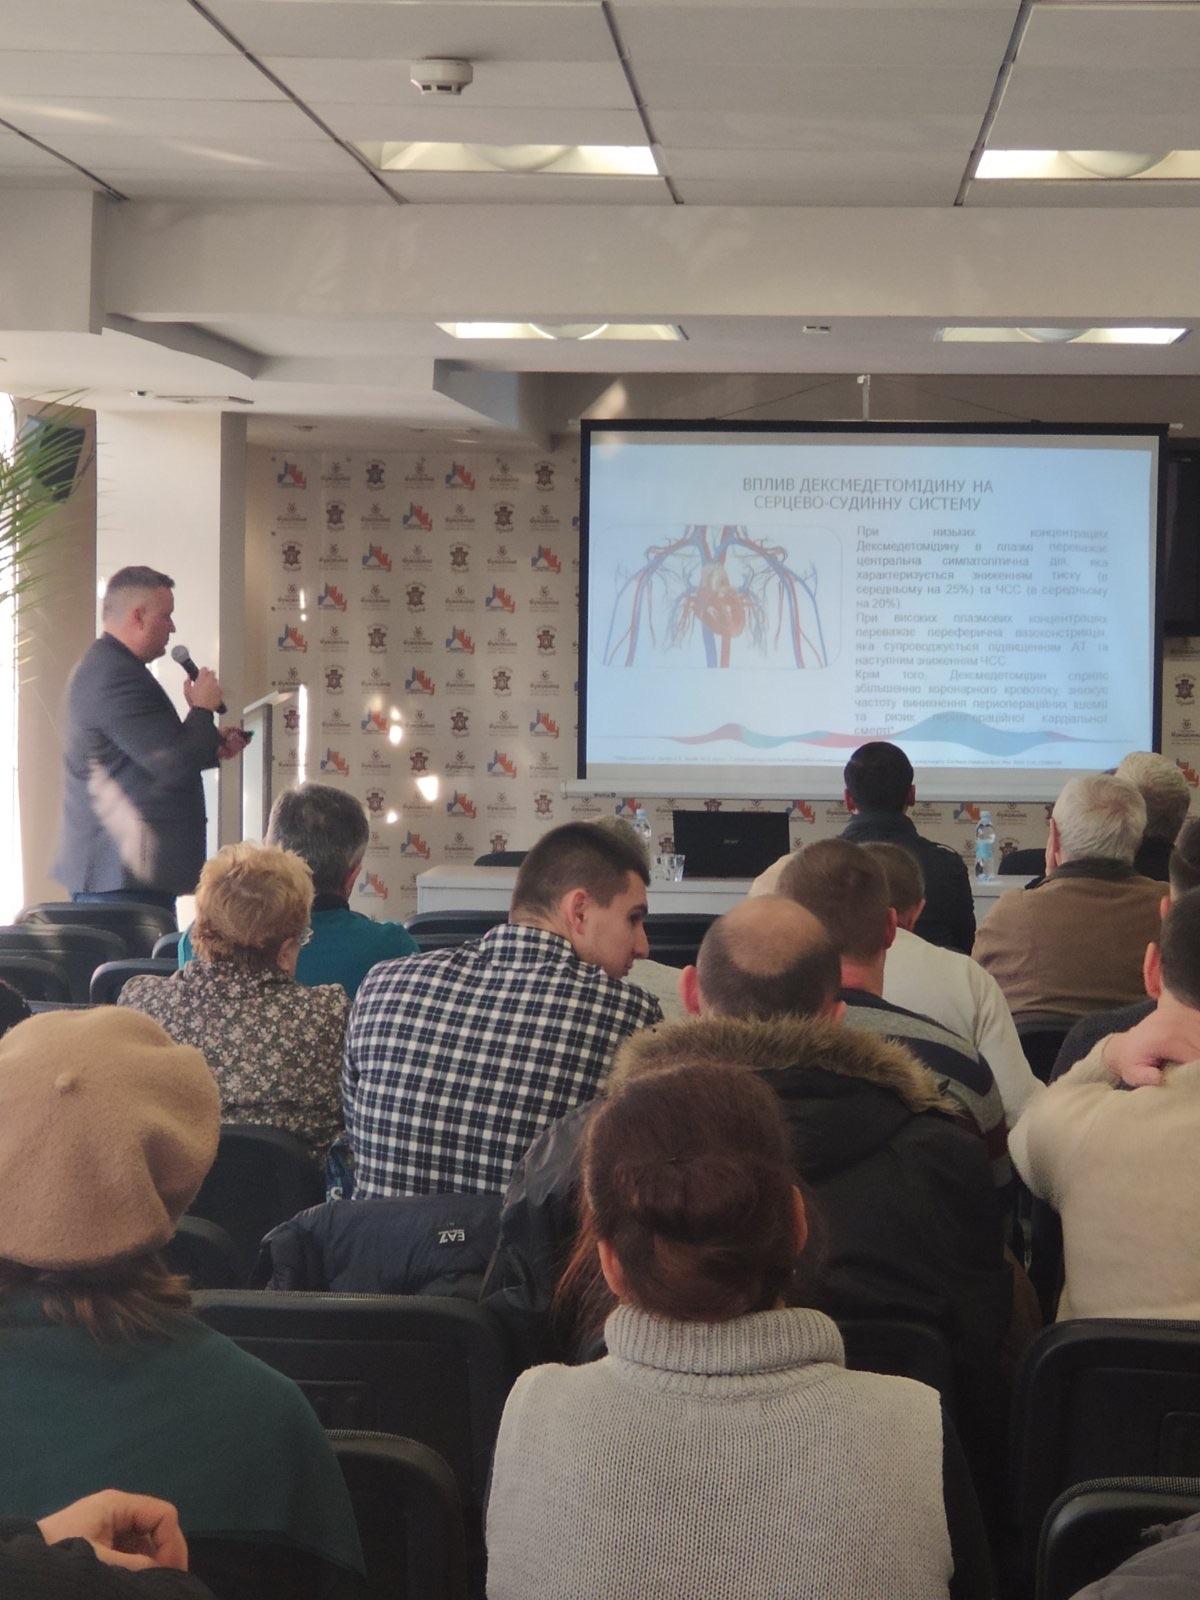 Відбулась регіональна  науково-практична конференція  Асоціації анестезіологів Буковини